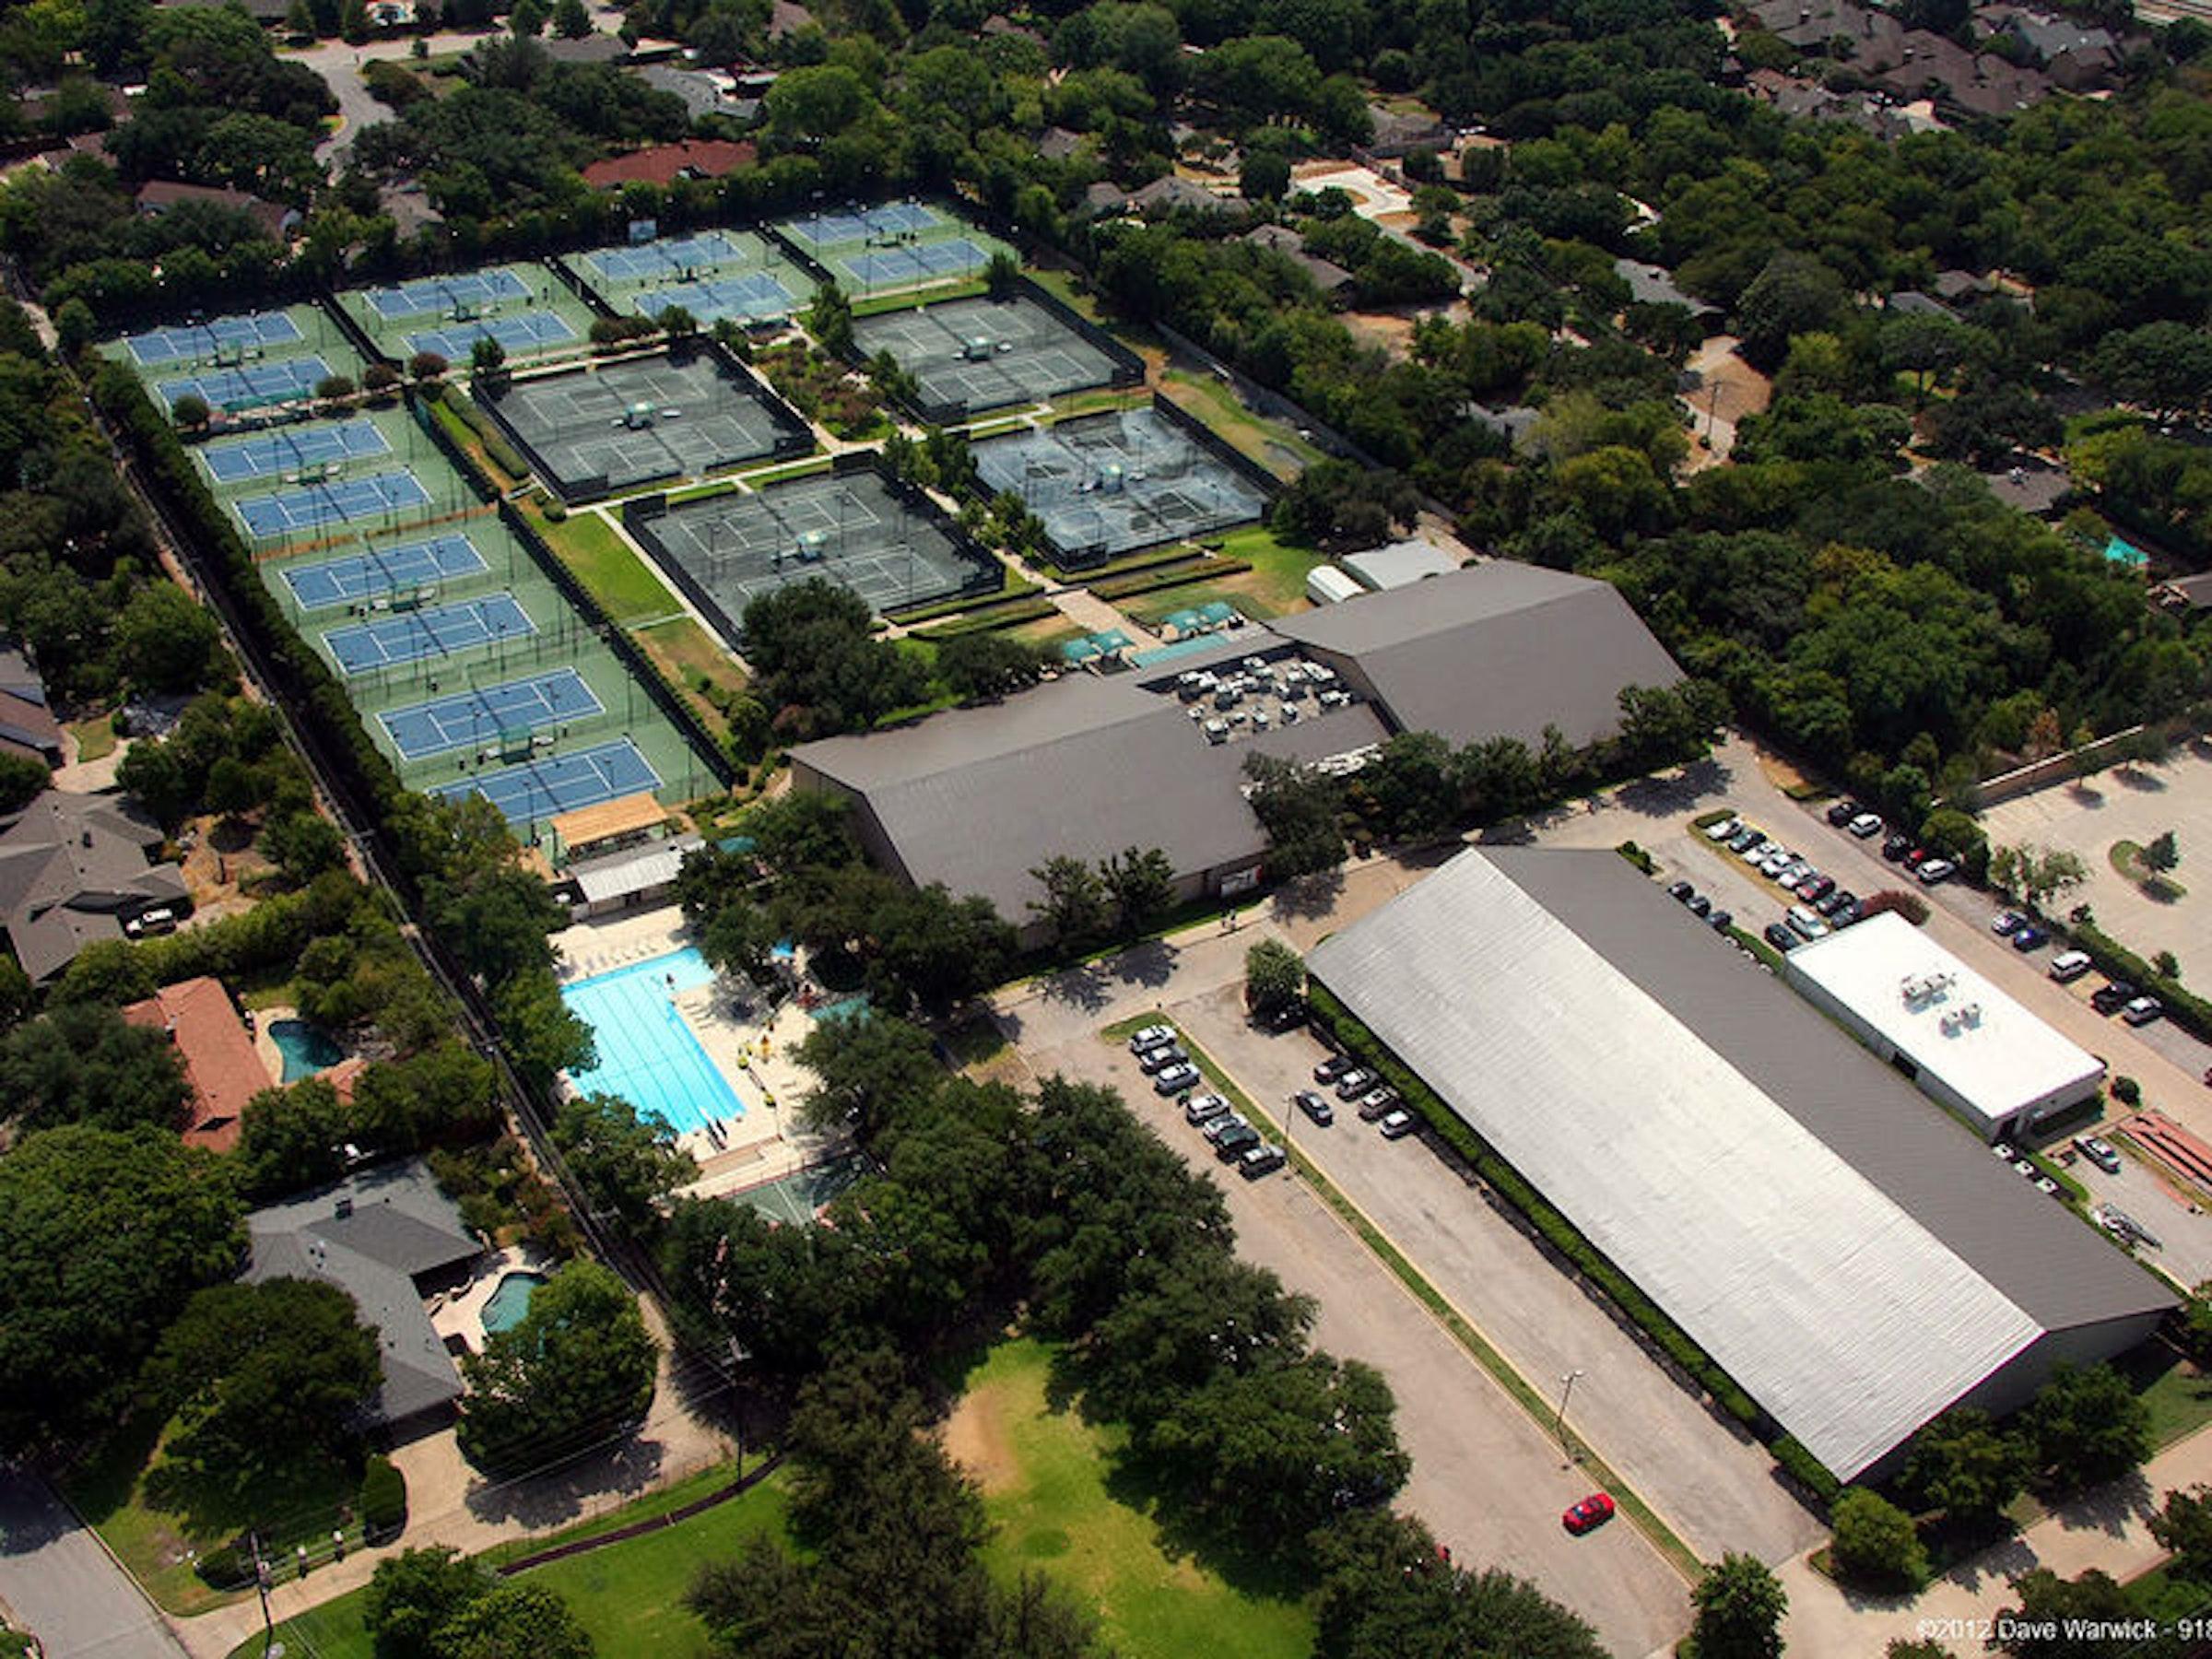 T Bar M Racquet Club in Beyond Dallas